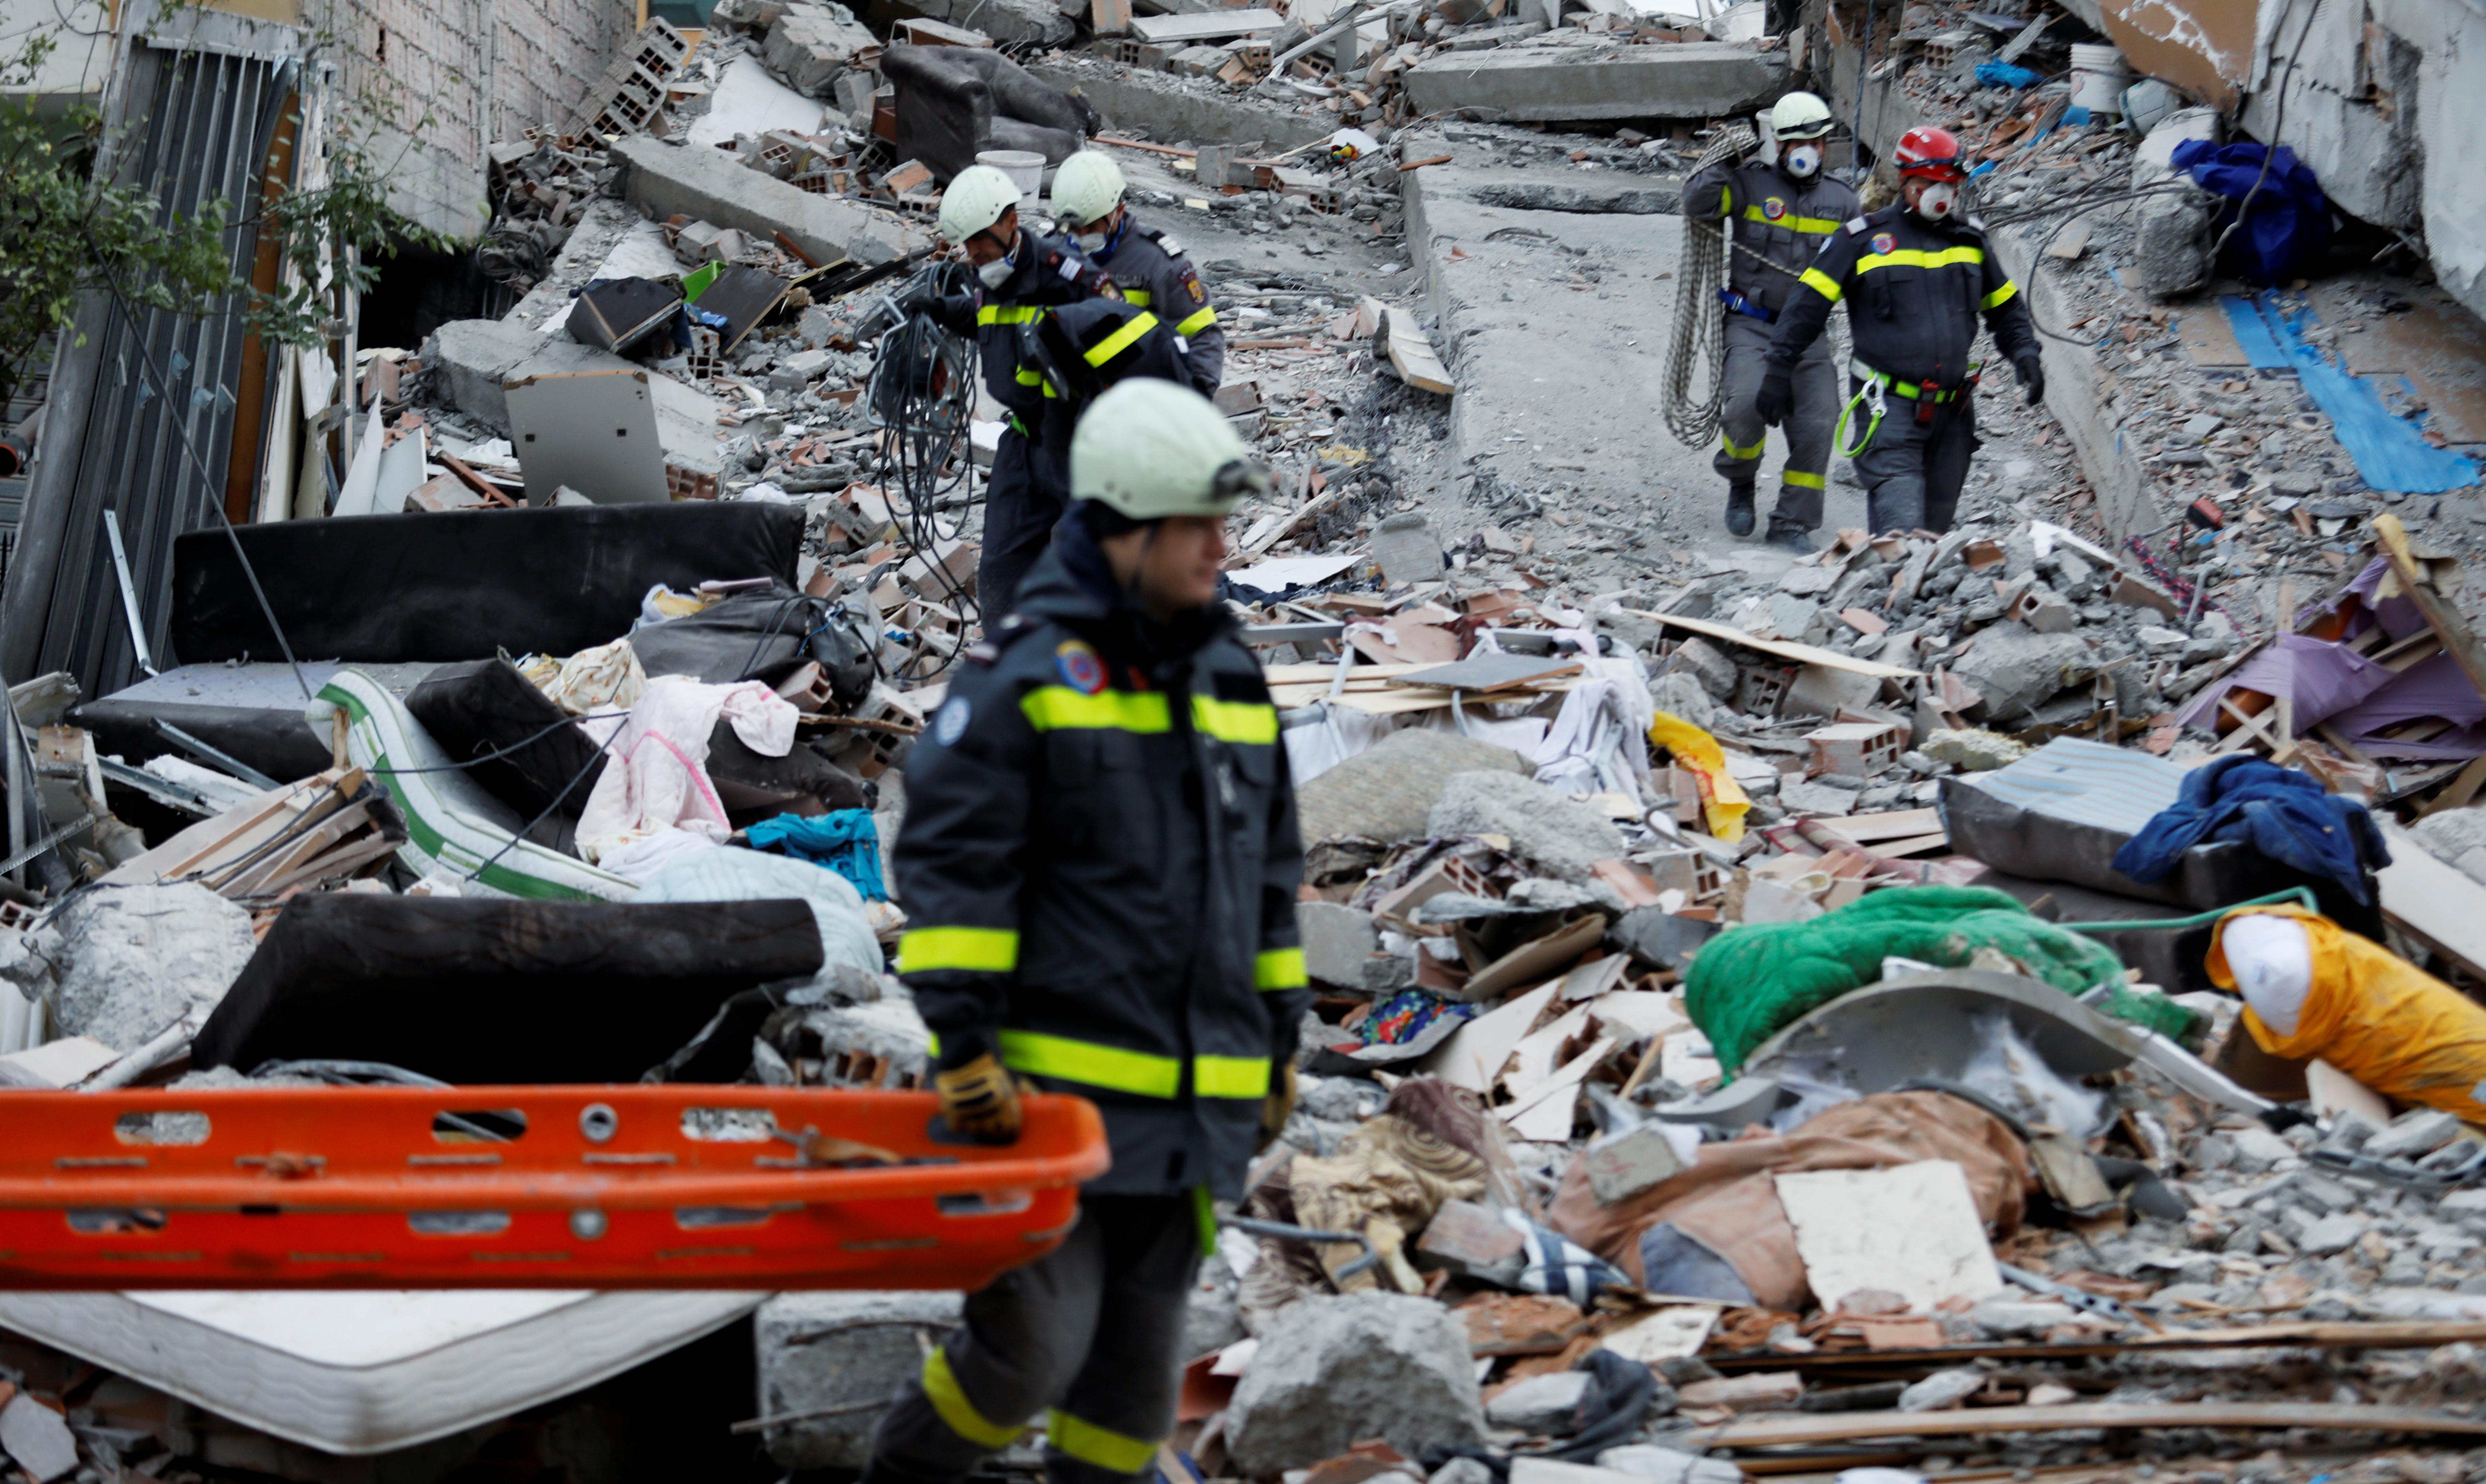 Σείεται συνεχώς η γη στην Αλβανία! Νέος σεισμός 4,9 ρίχτερ - Στους 40 οι νεκροί